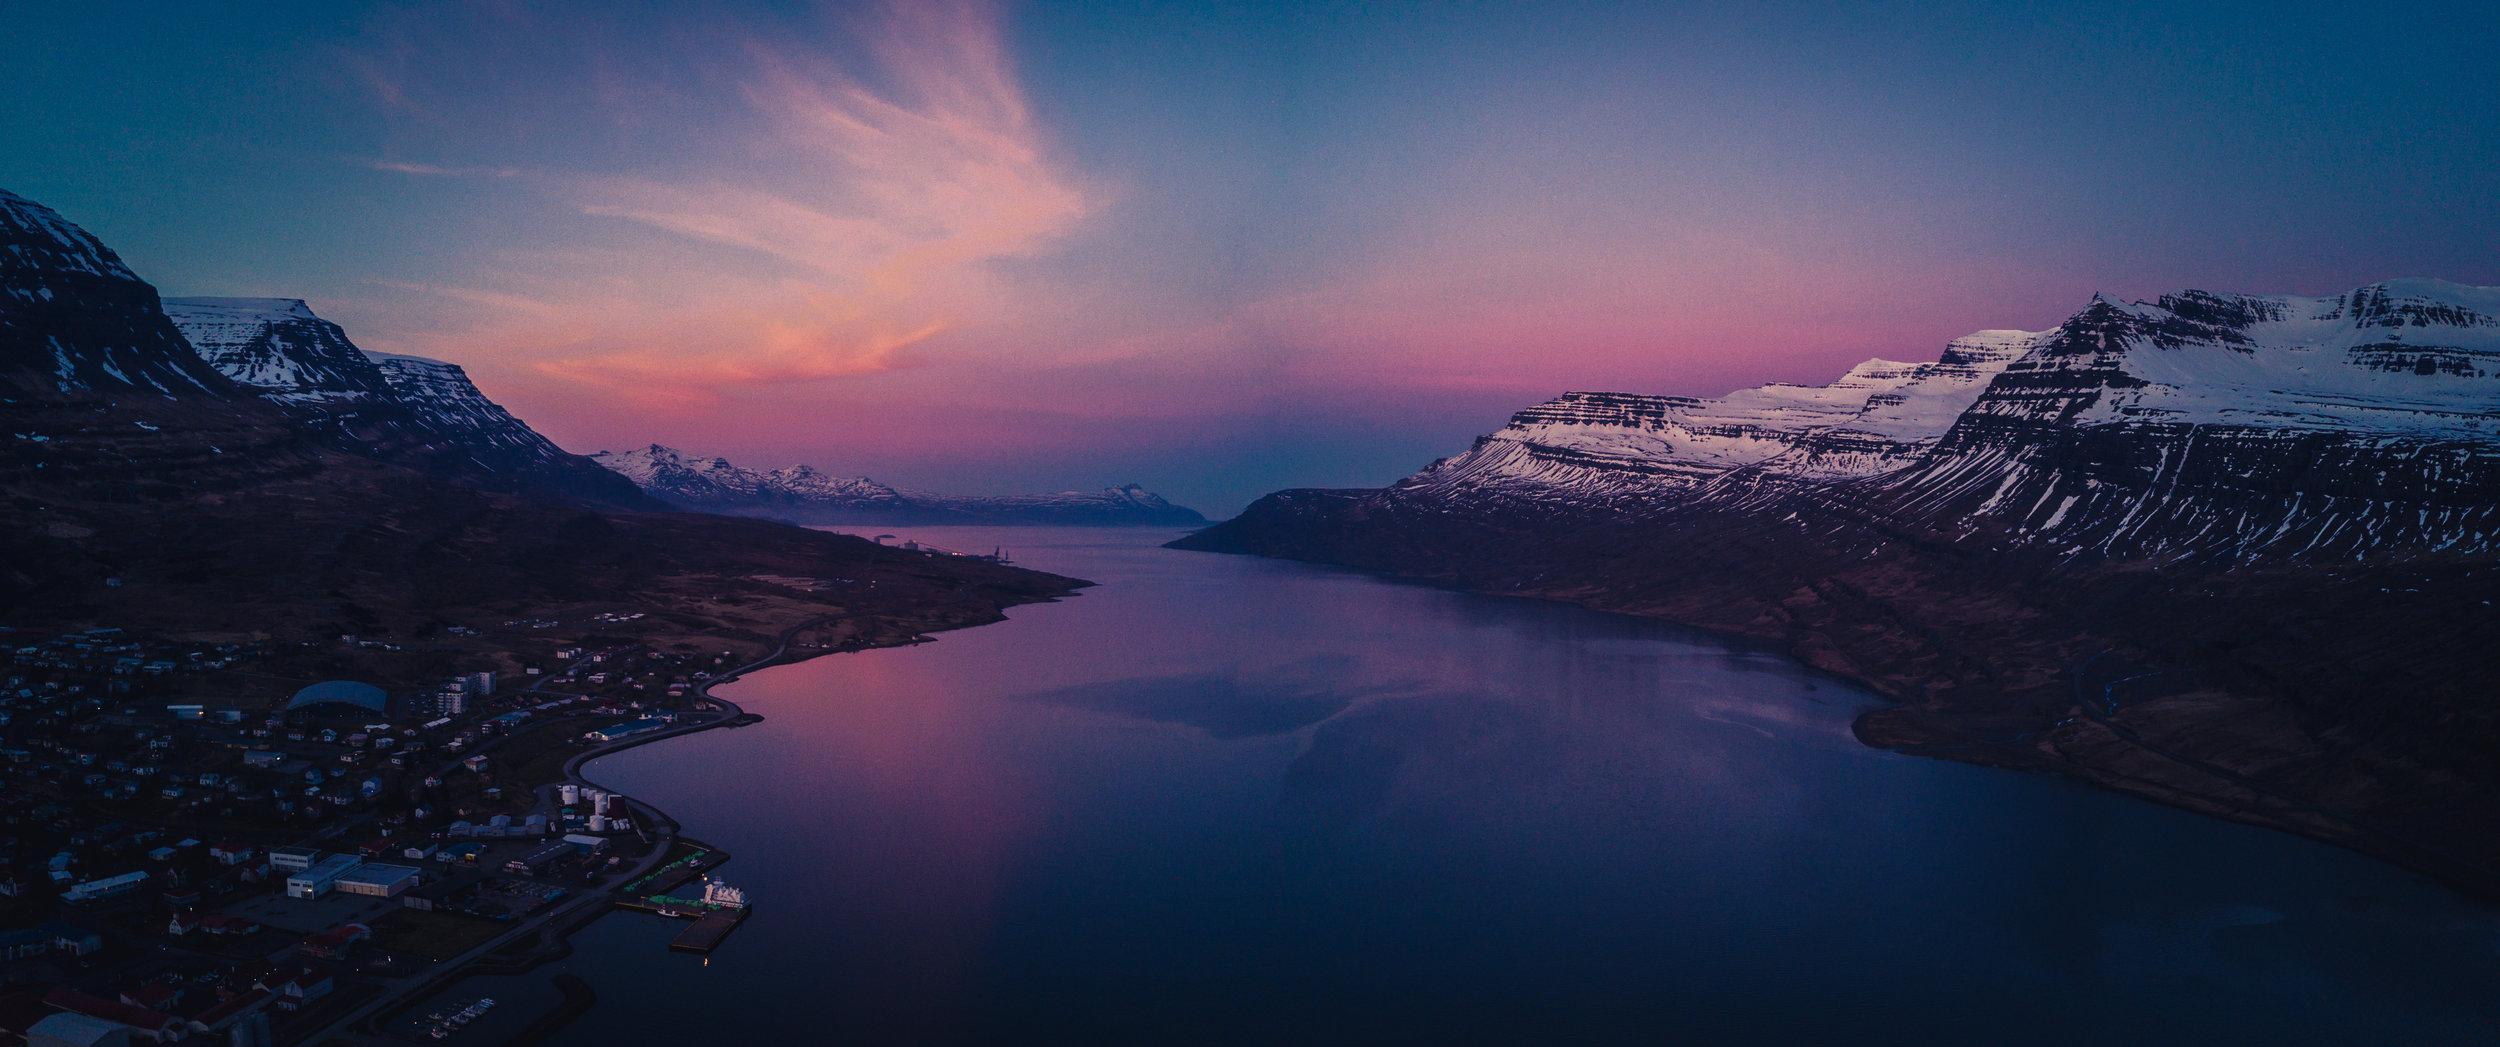 Reyðarfjörður, Iceland - May 4th, 2017 -1.jpg